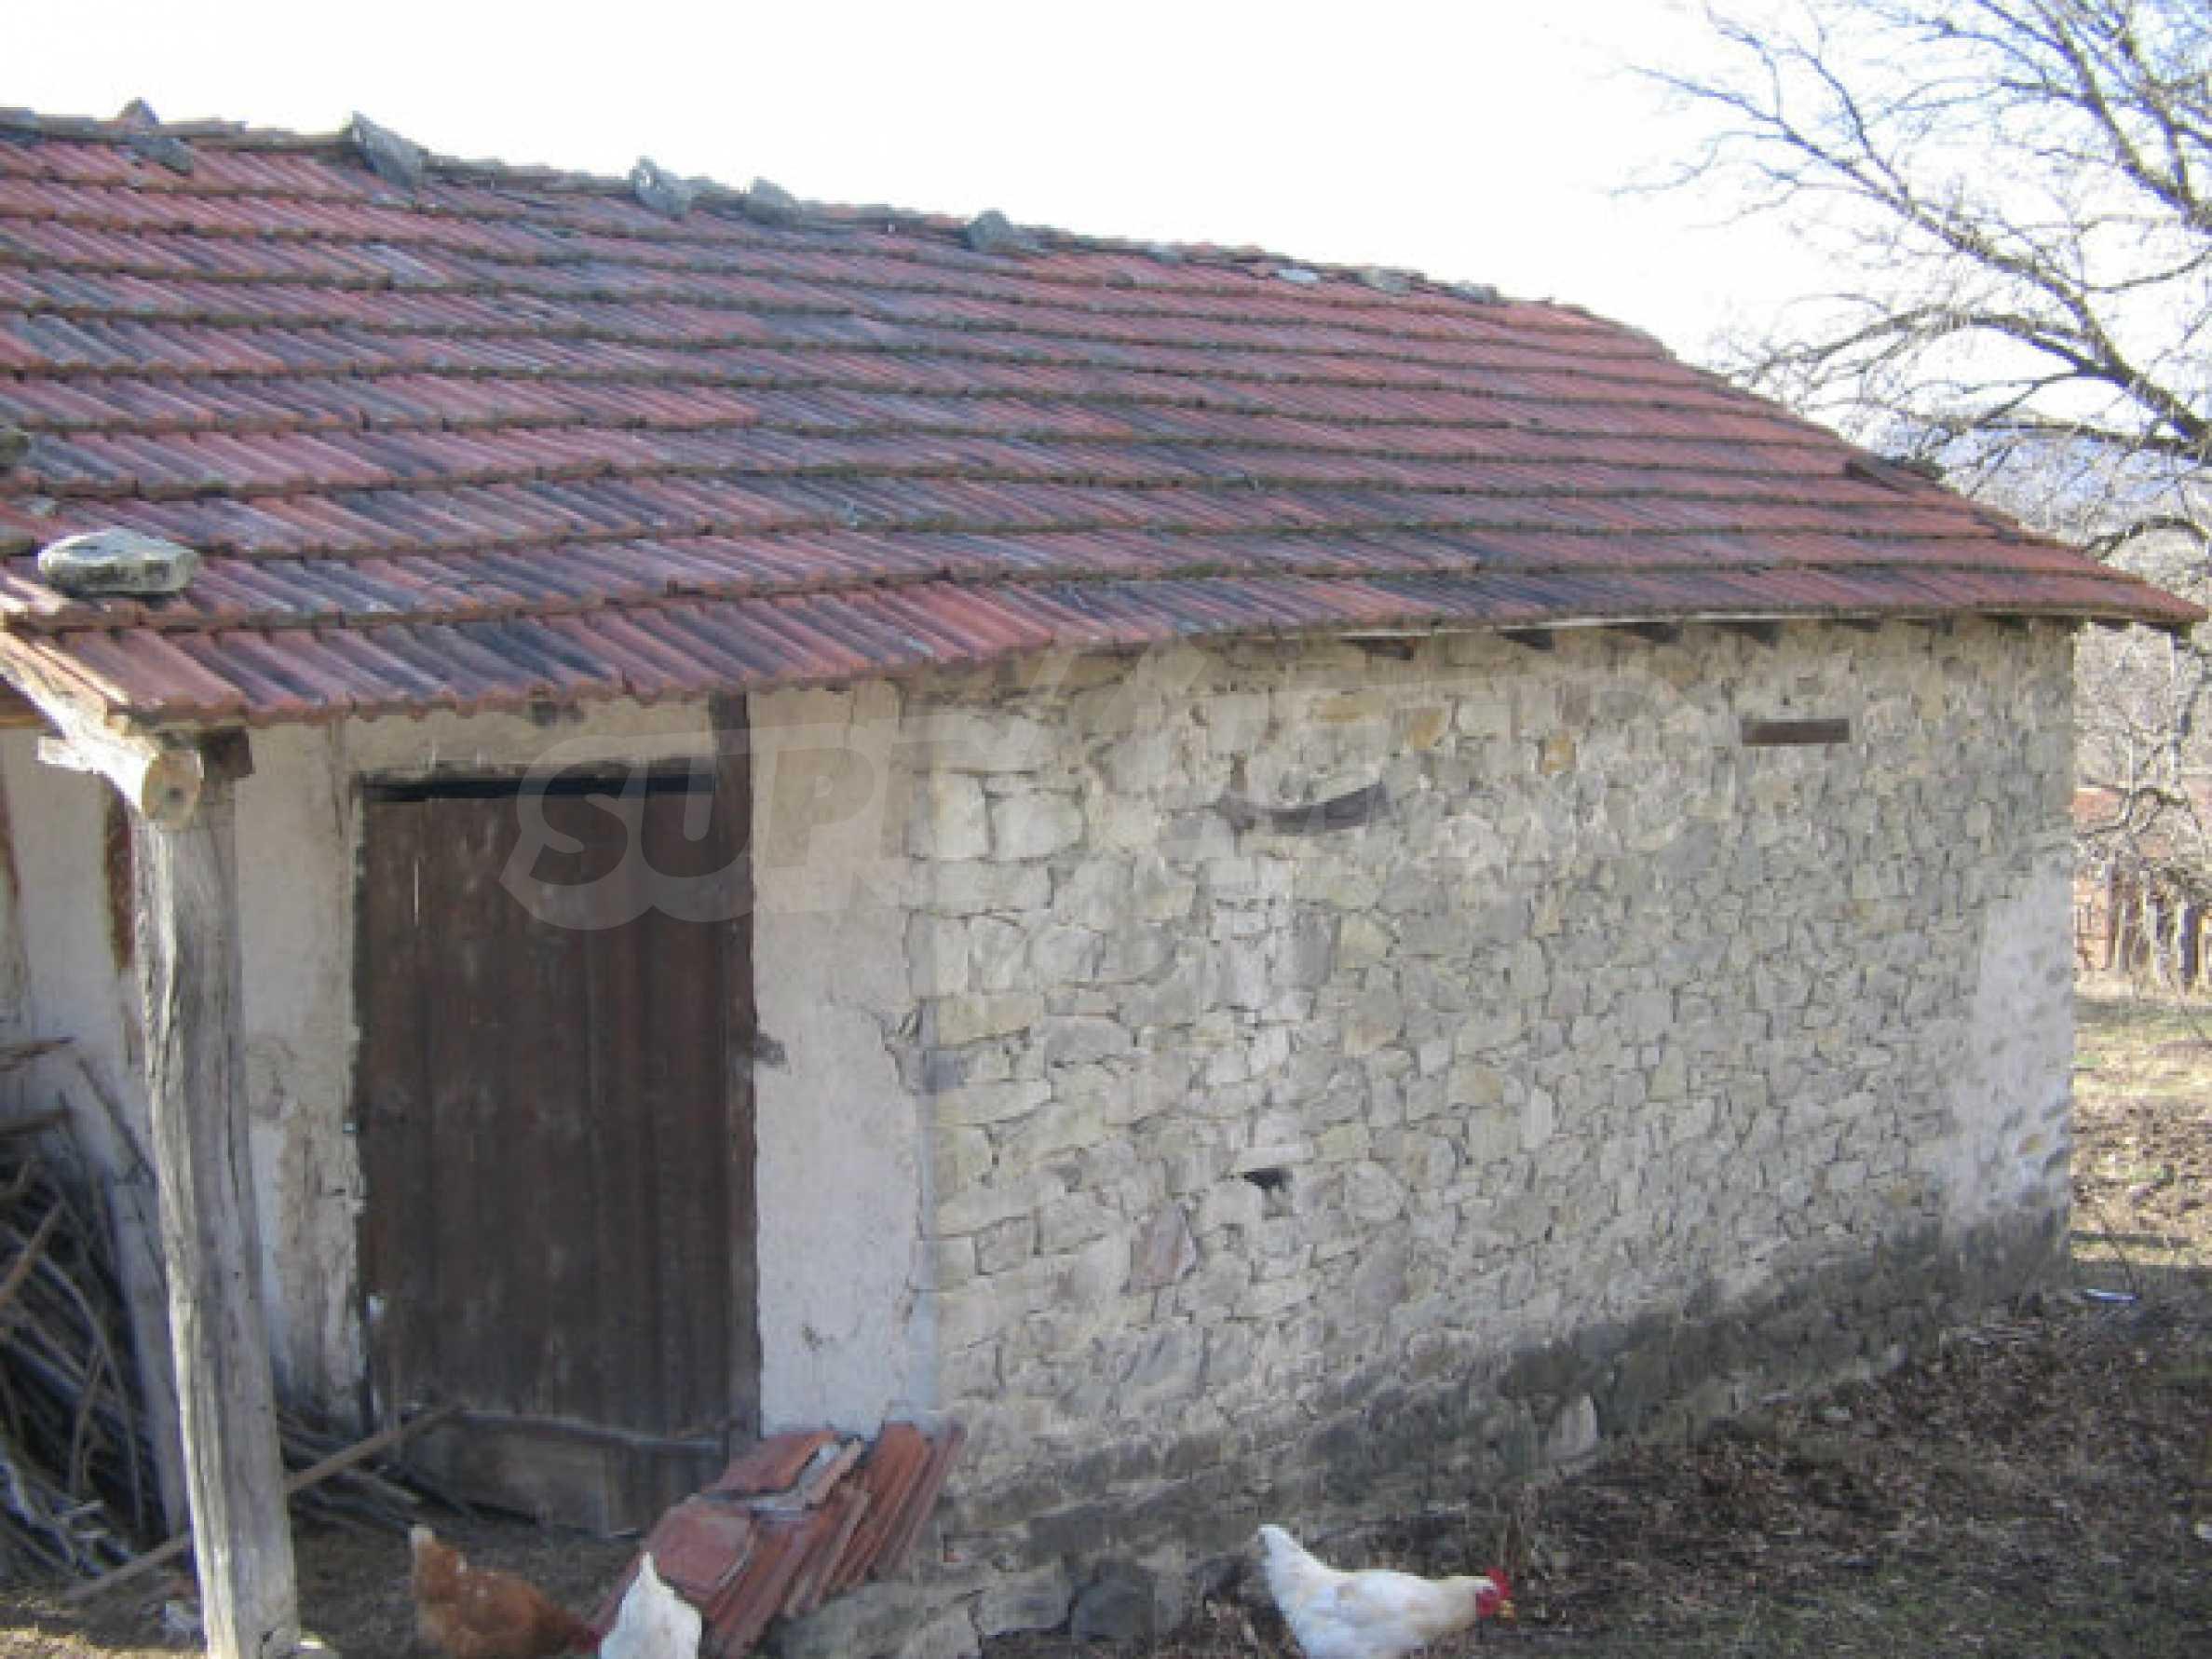 Ein Grundstück zum Verkauf in einem Dorf 32 km von Kardjali entfernt 3